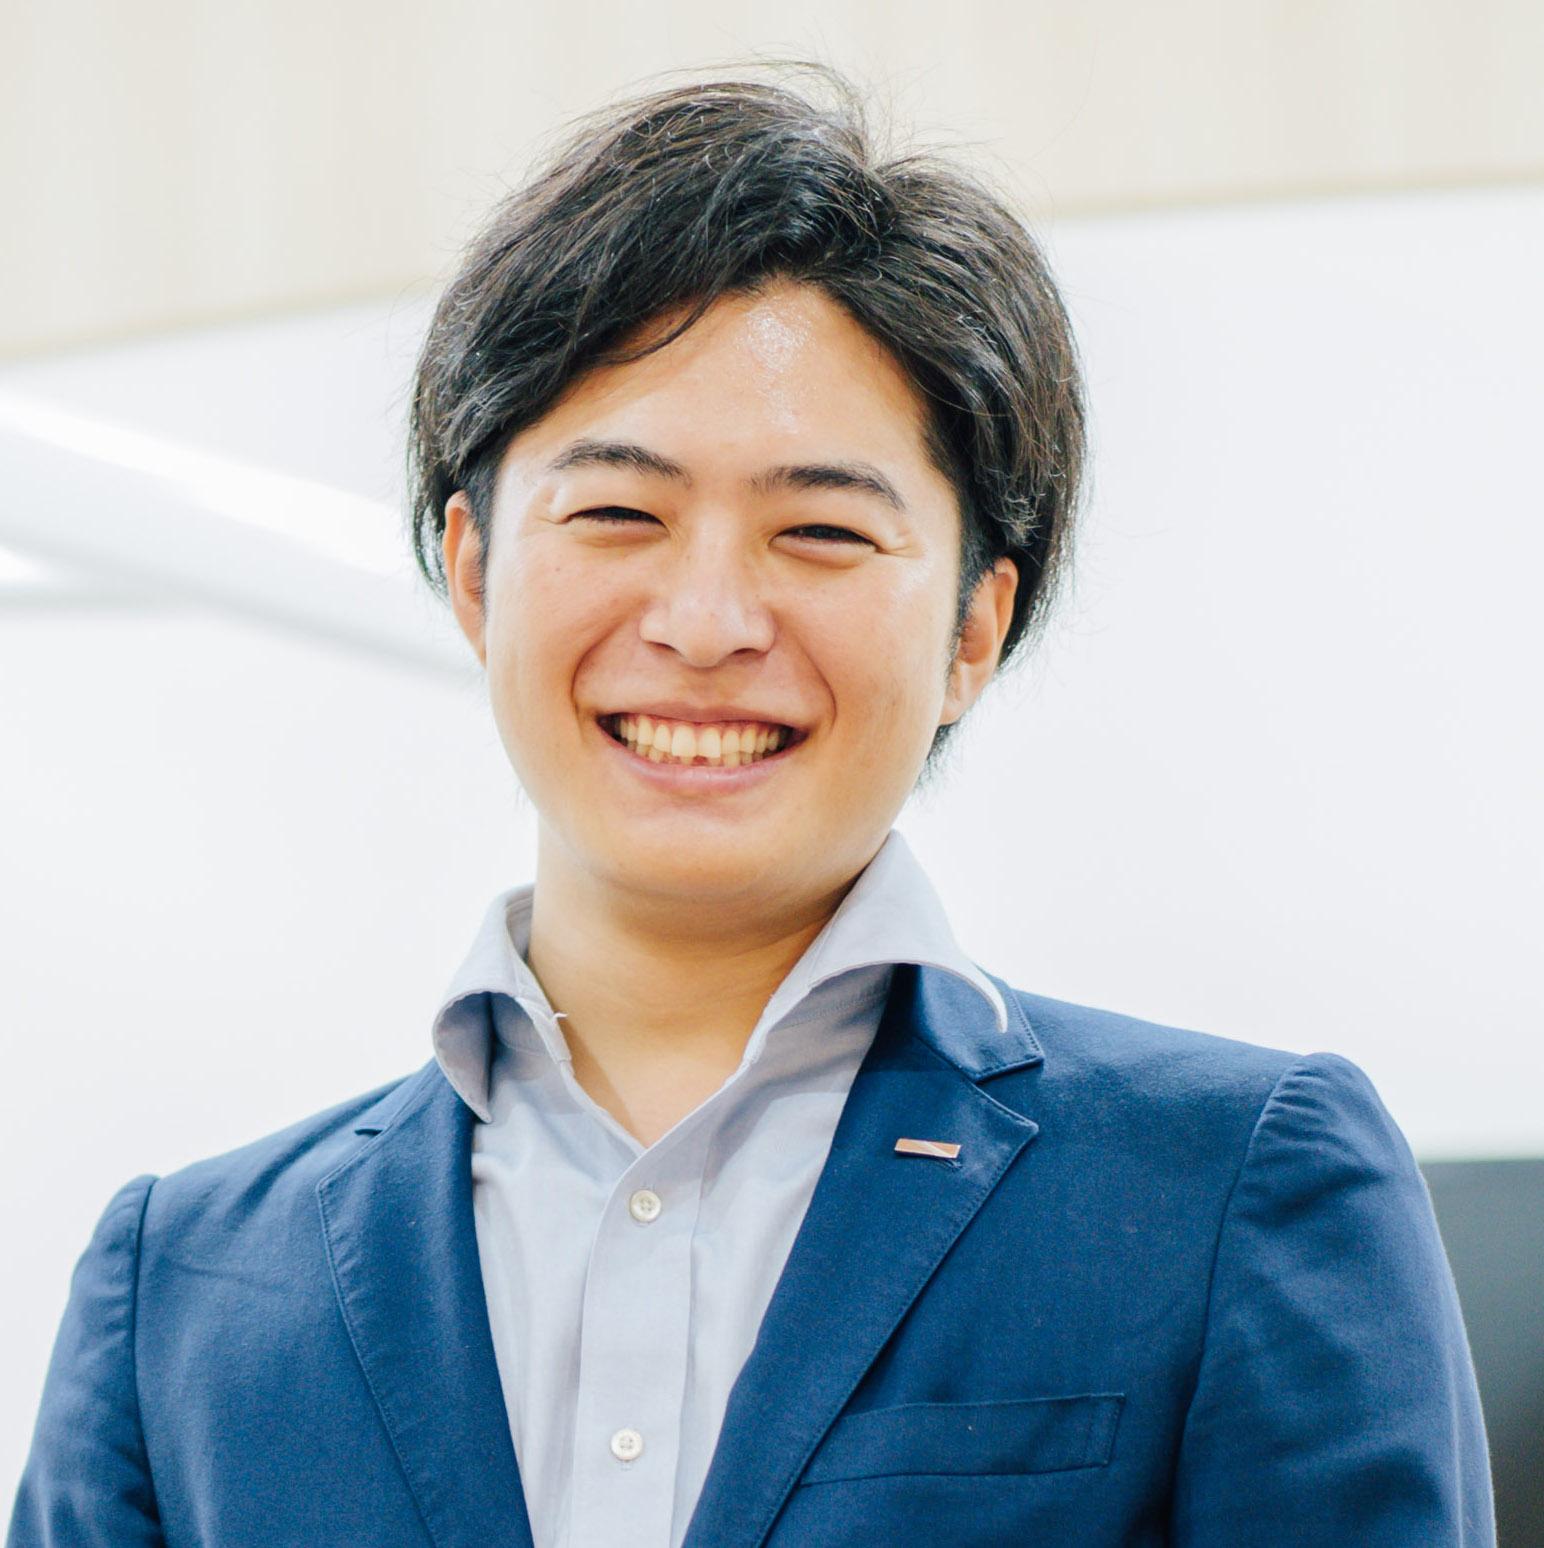 ブランディングテクノロジー株式会社 コンサルタント 落合 勇太 氏写真